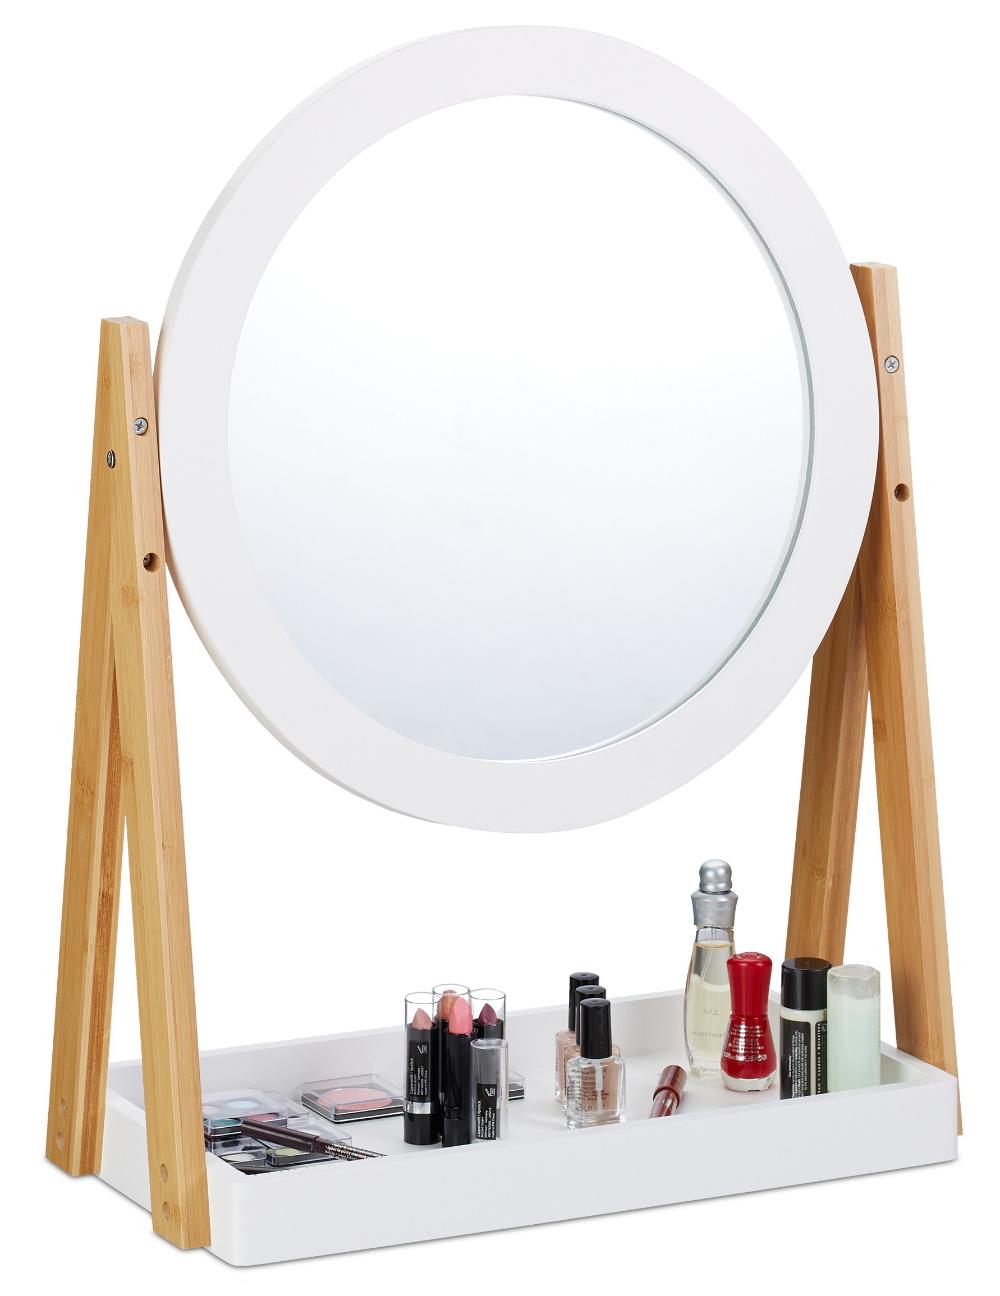 Bambusowa Toaletka Do Makijazu Na Kosmetyki Lustro 8001675212 Oficjalne Archiwum Allegro Mirror Table Mirror Decor